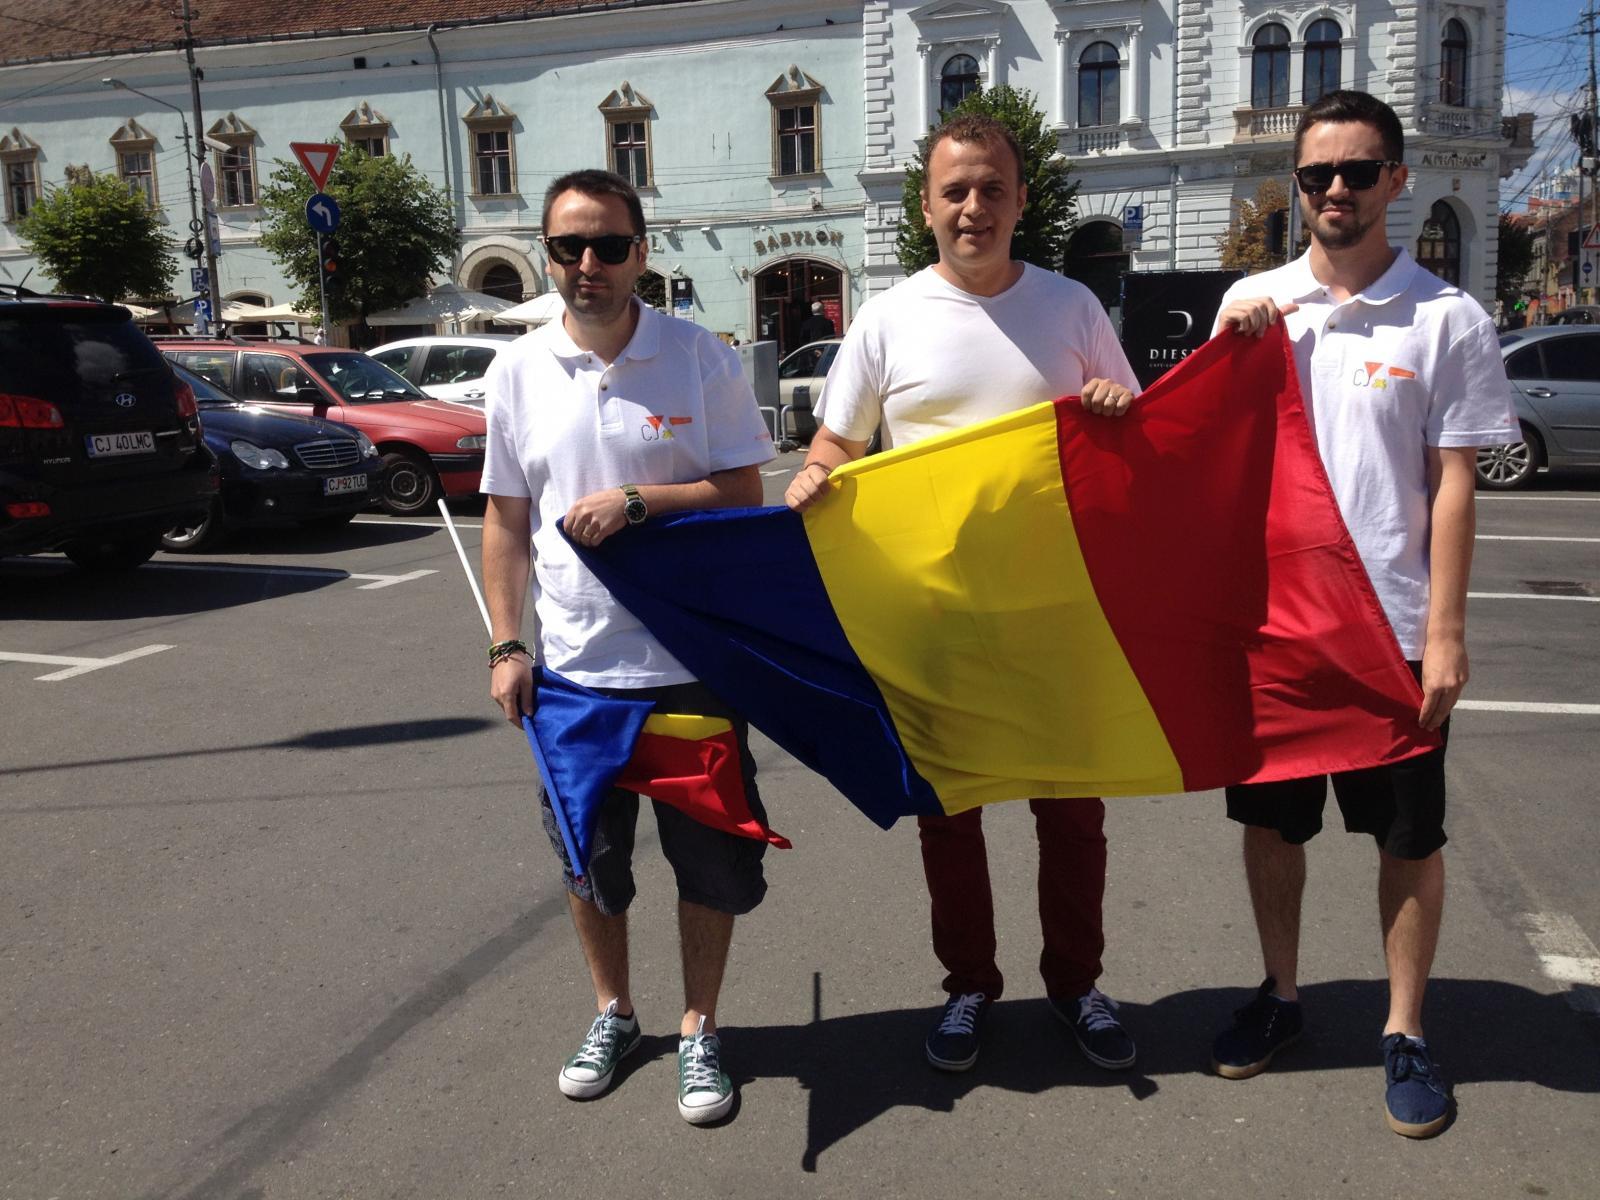 Proiectul CJX continuă! 4 bloggeri vor promova Clujul în 6 orașe din 3 țări europene